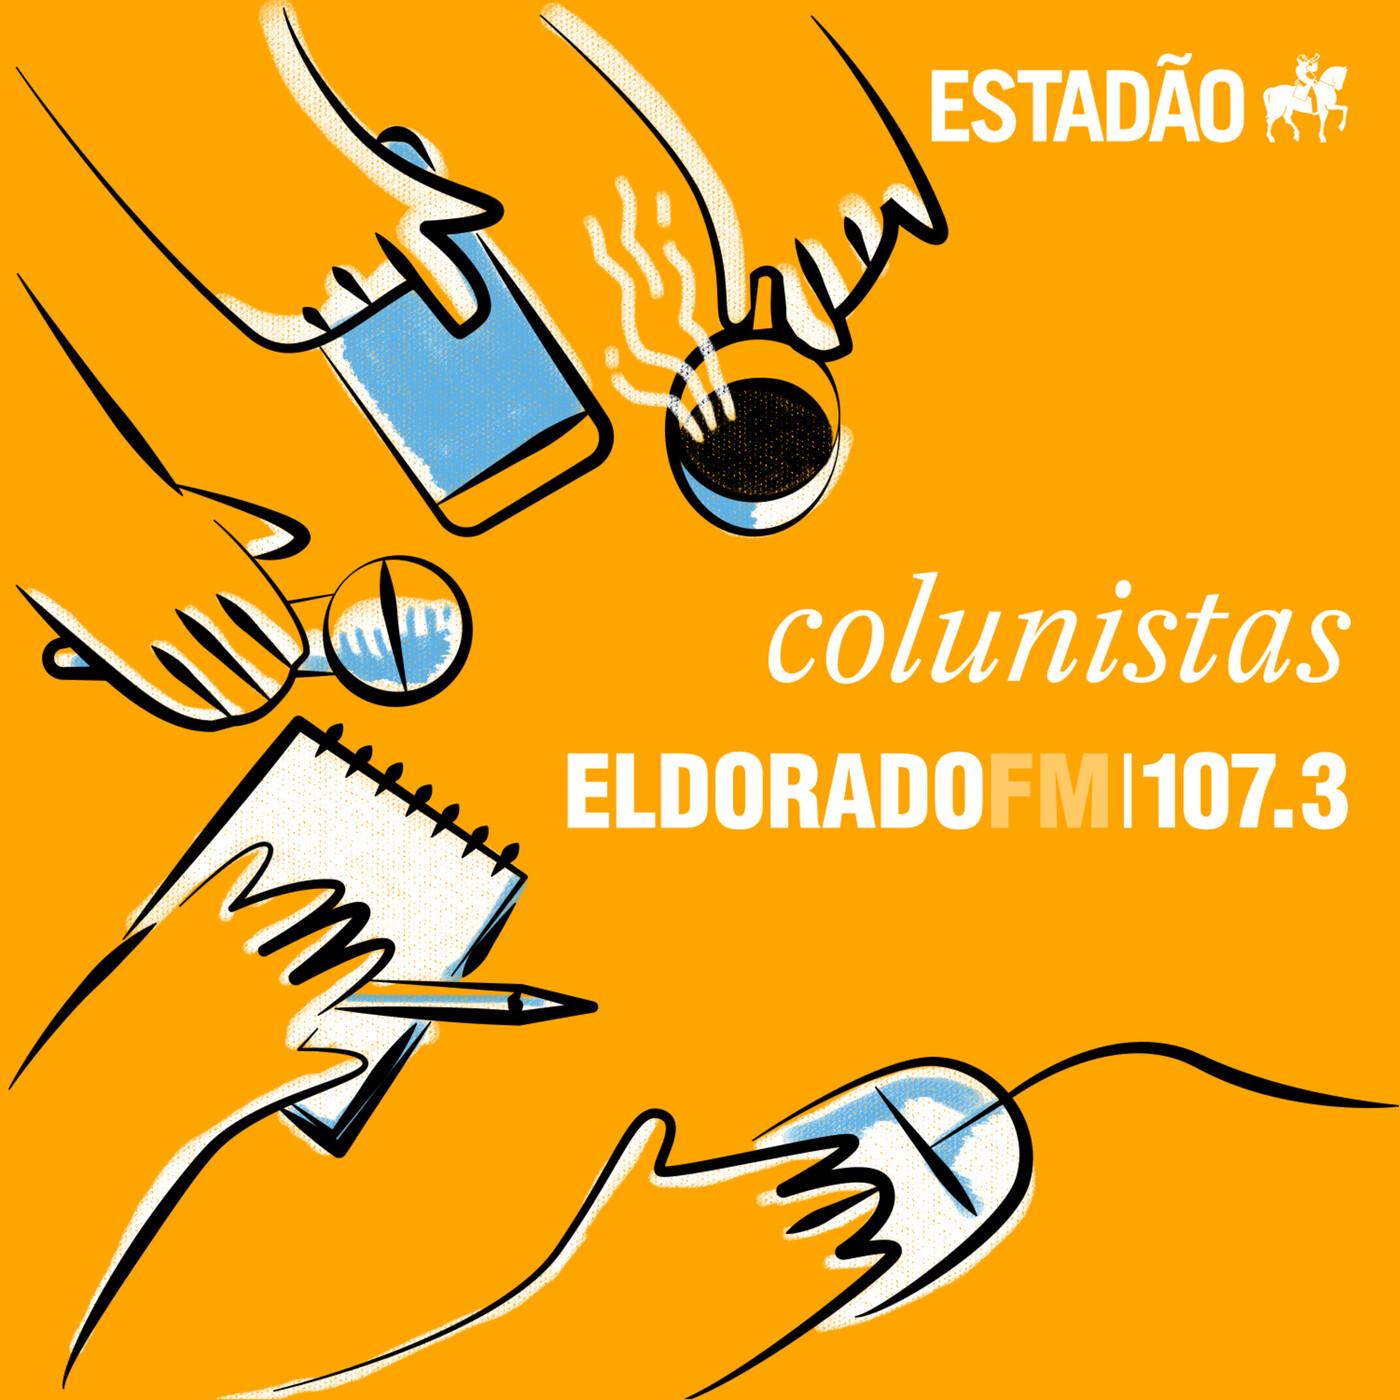 Perguntar não ofende, com Marília Ruiz - 28.07.17